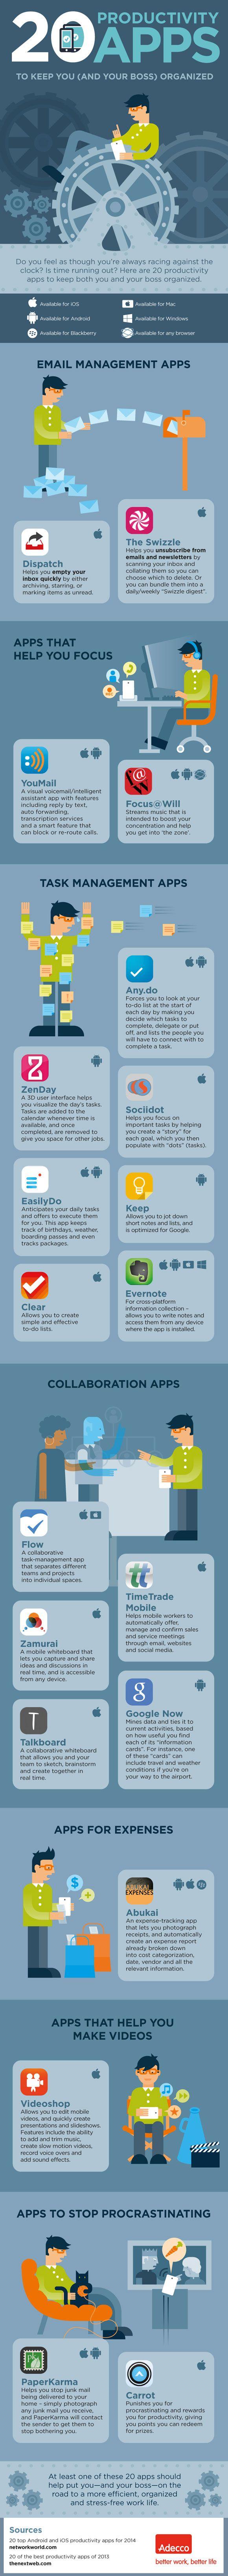 aplicaciones-para-mejorar-la-productividad